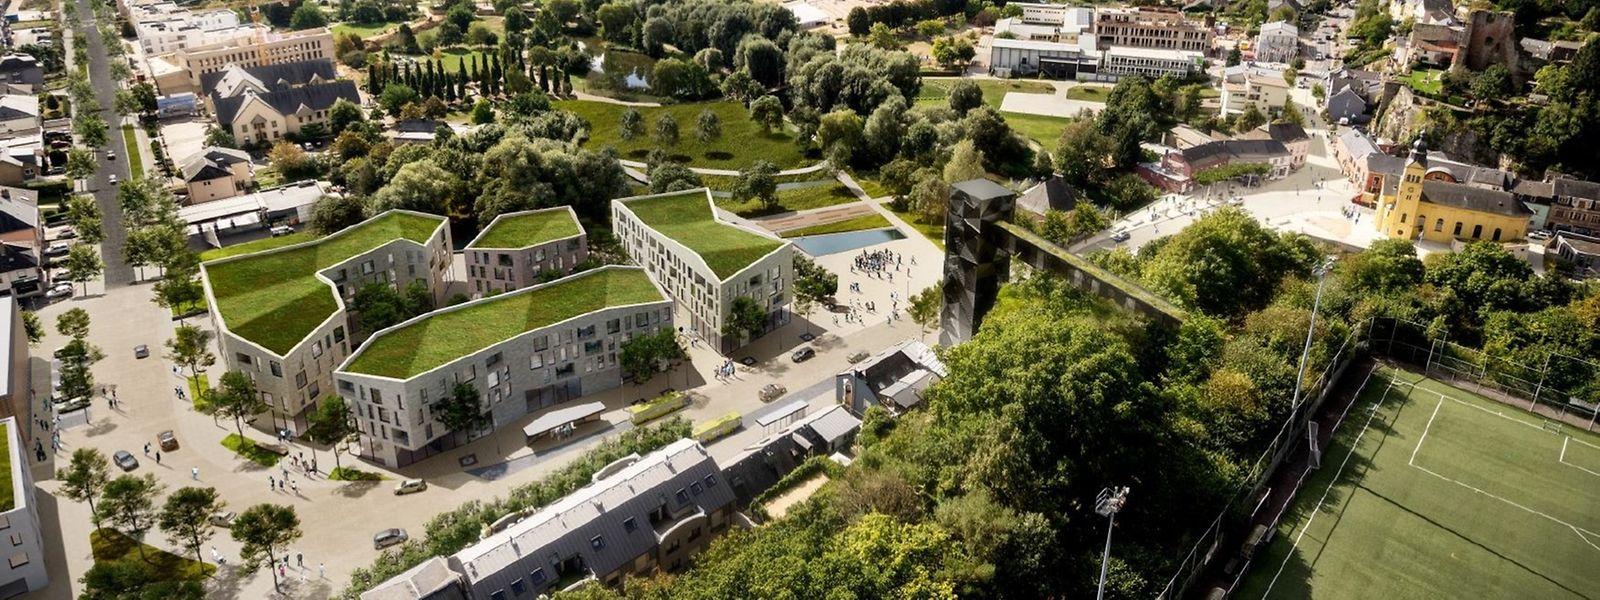 Une fois allégé de son trafic, le centre d'Hesperange devrait être réaménagé en «espace partagé».